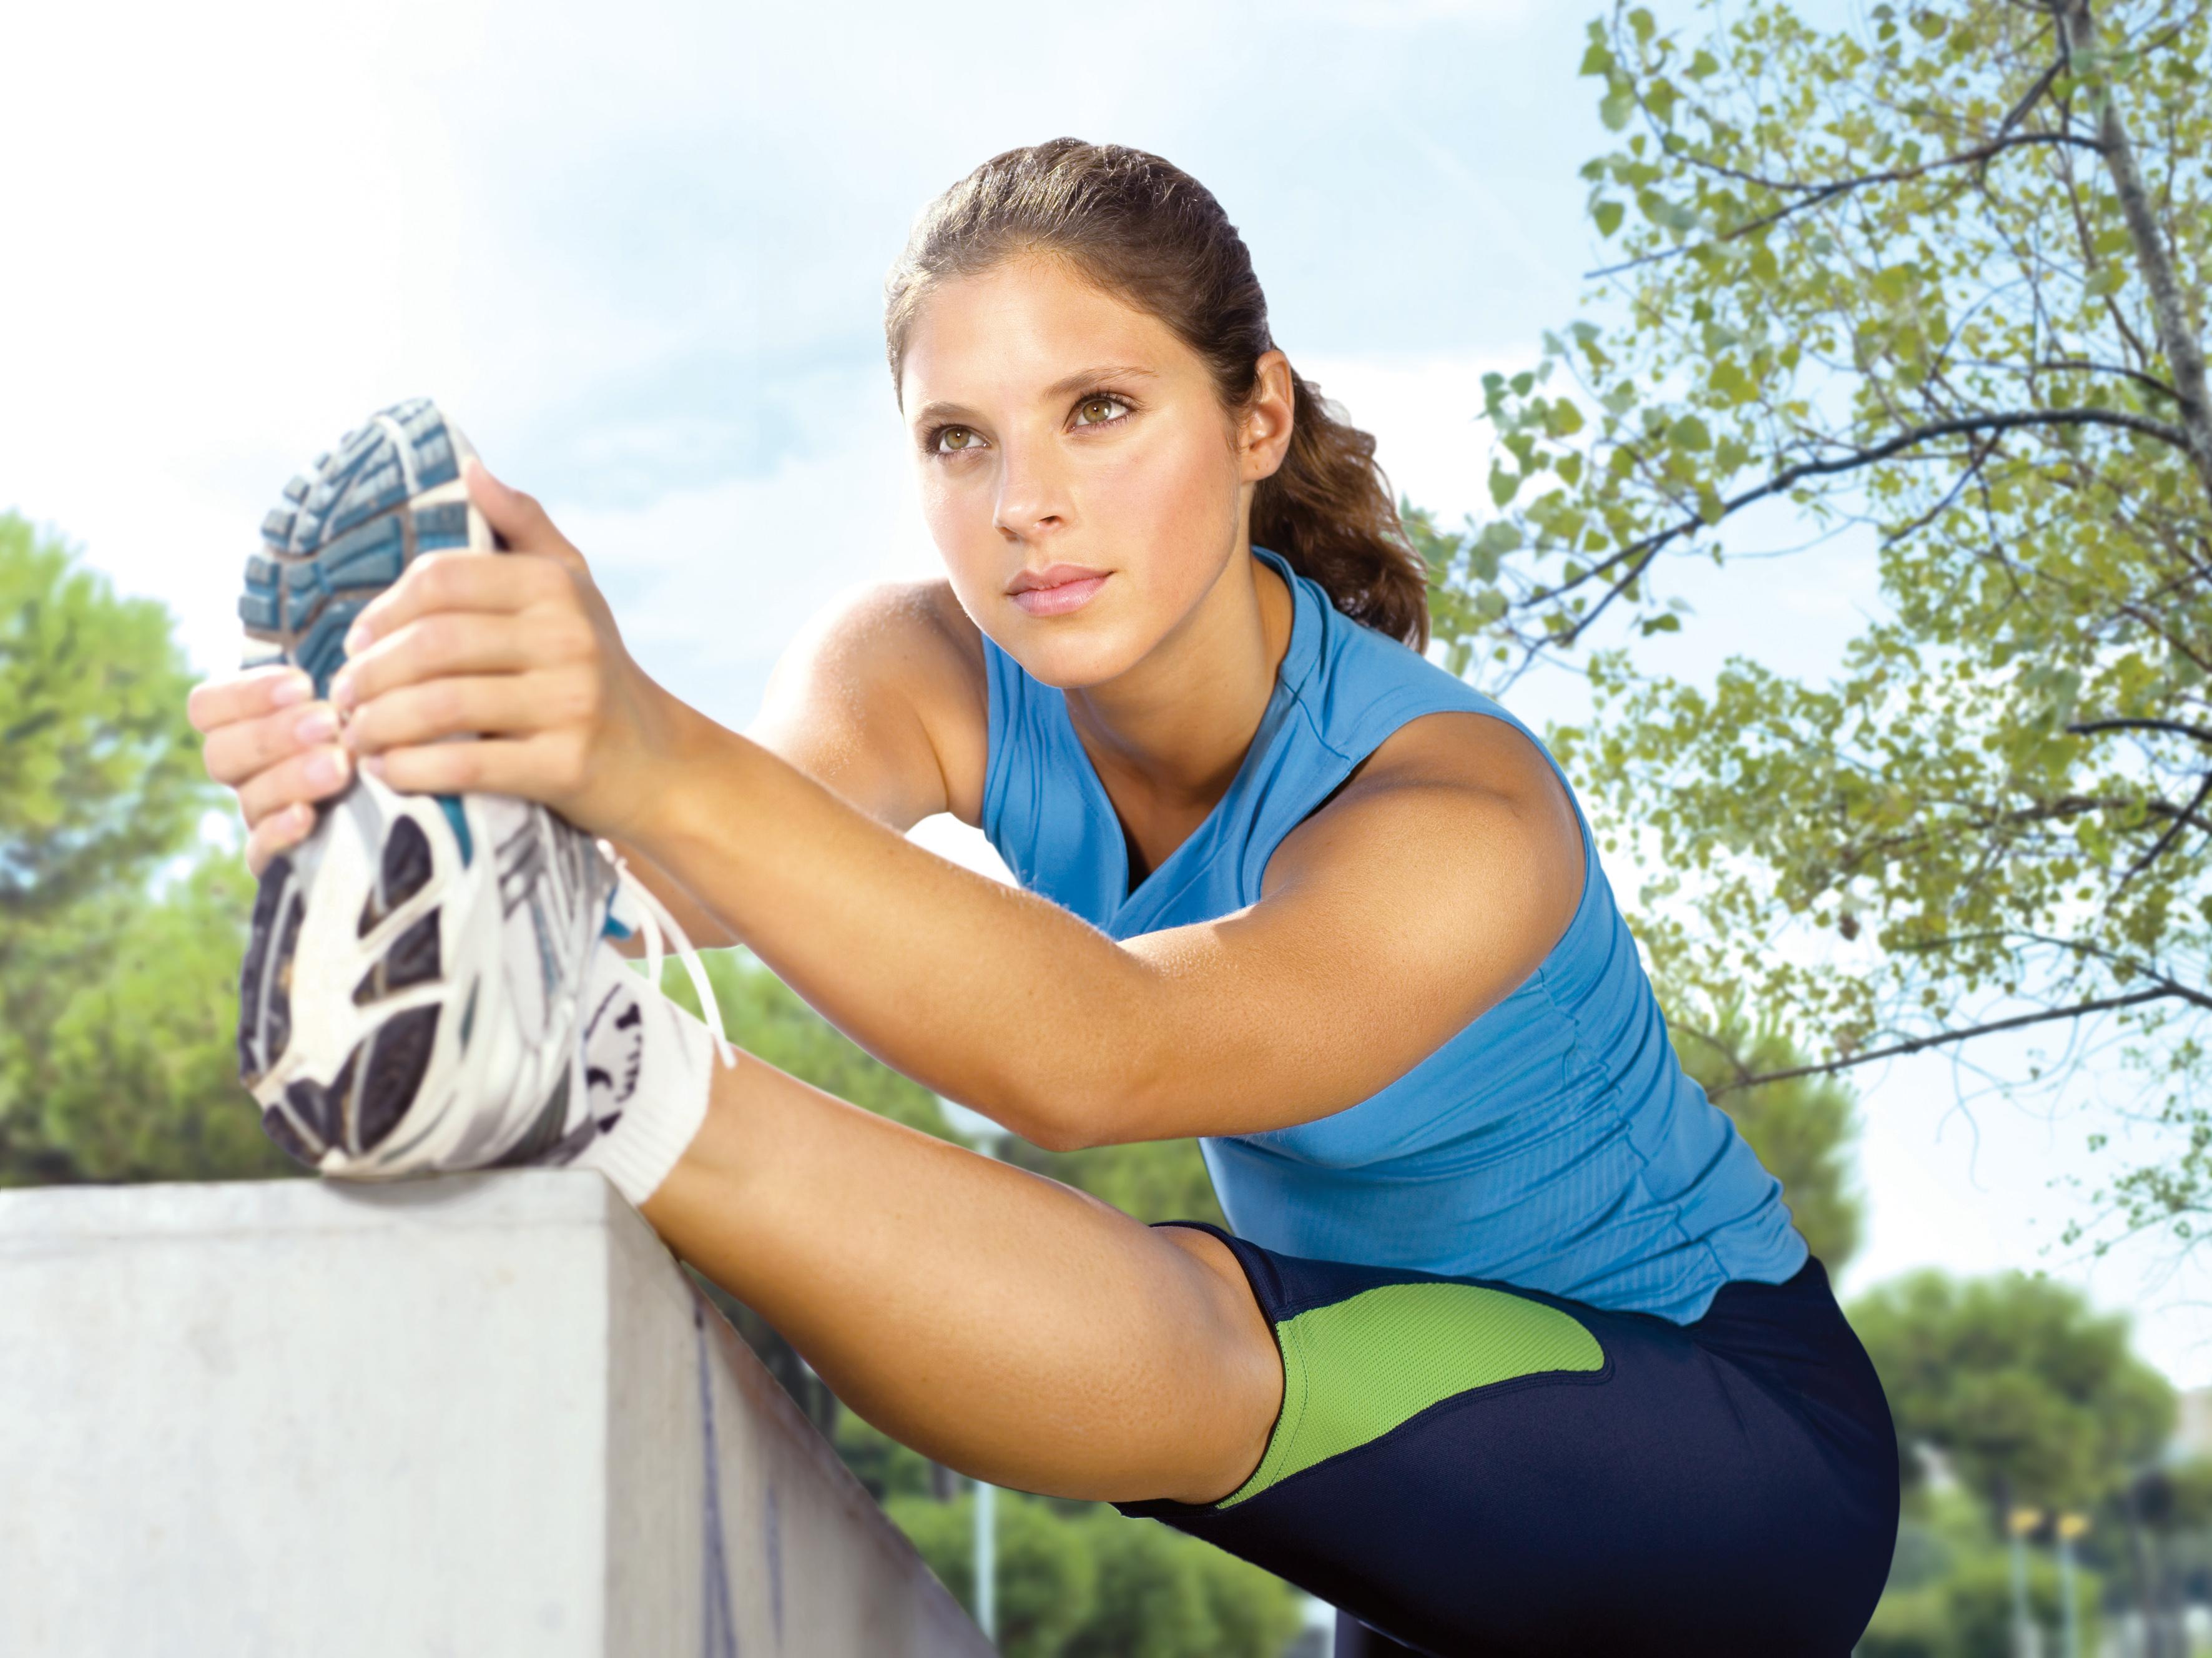 как нужно начинать бегать чтобы похудеть